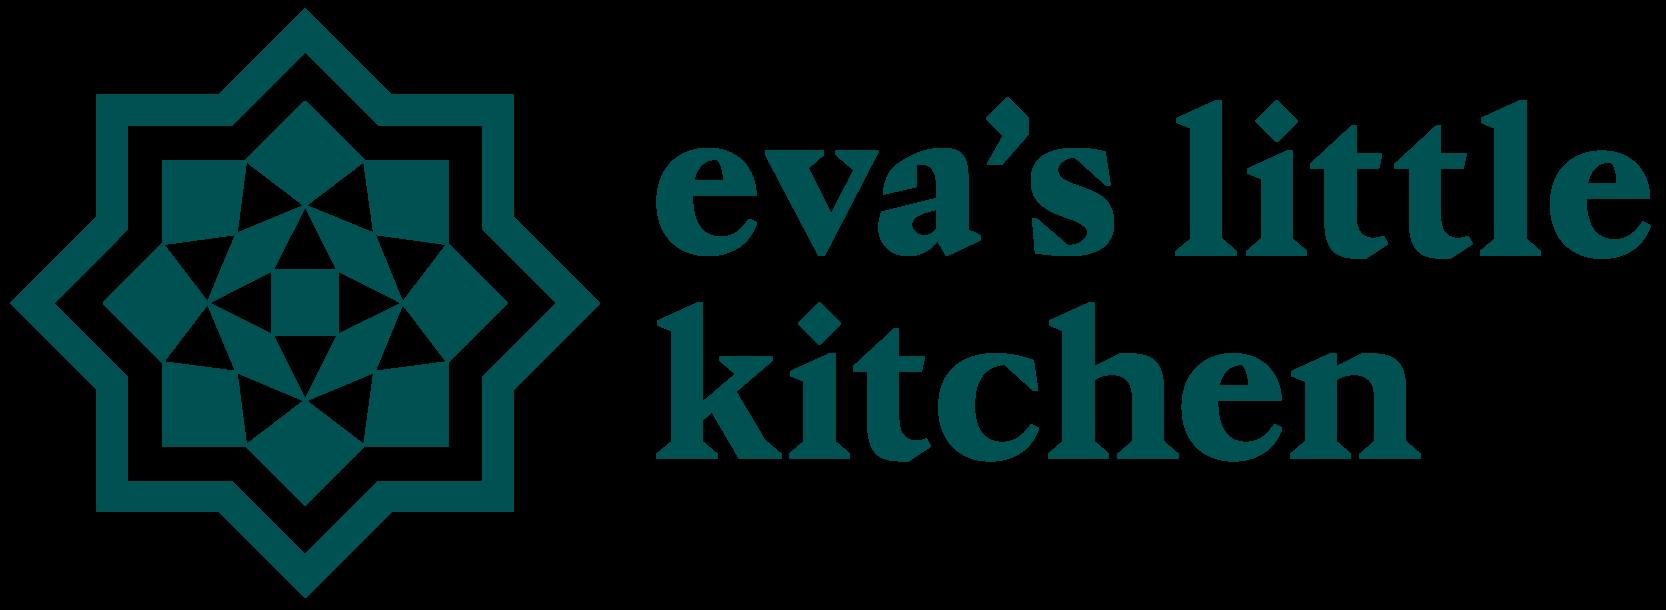 Eva's Little Kitchen Home